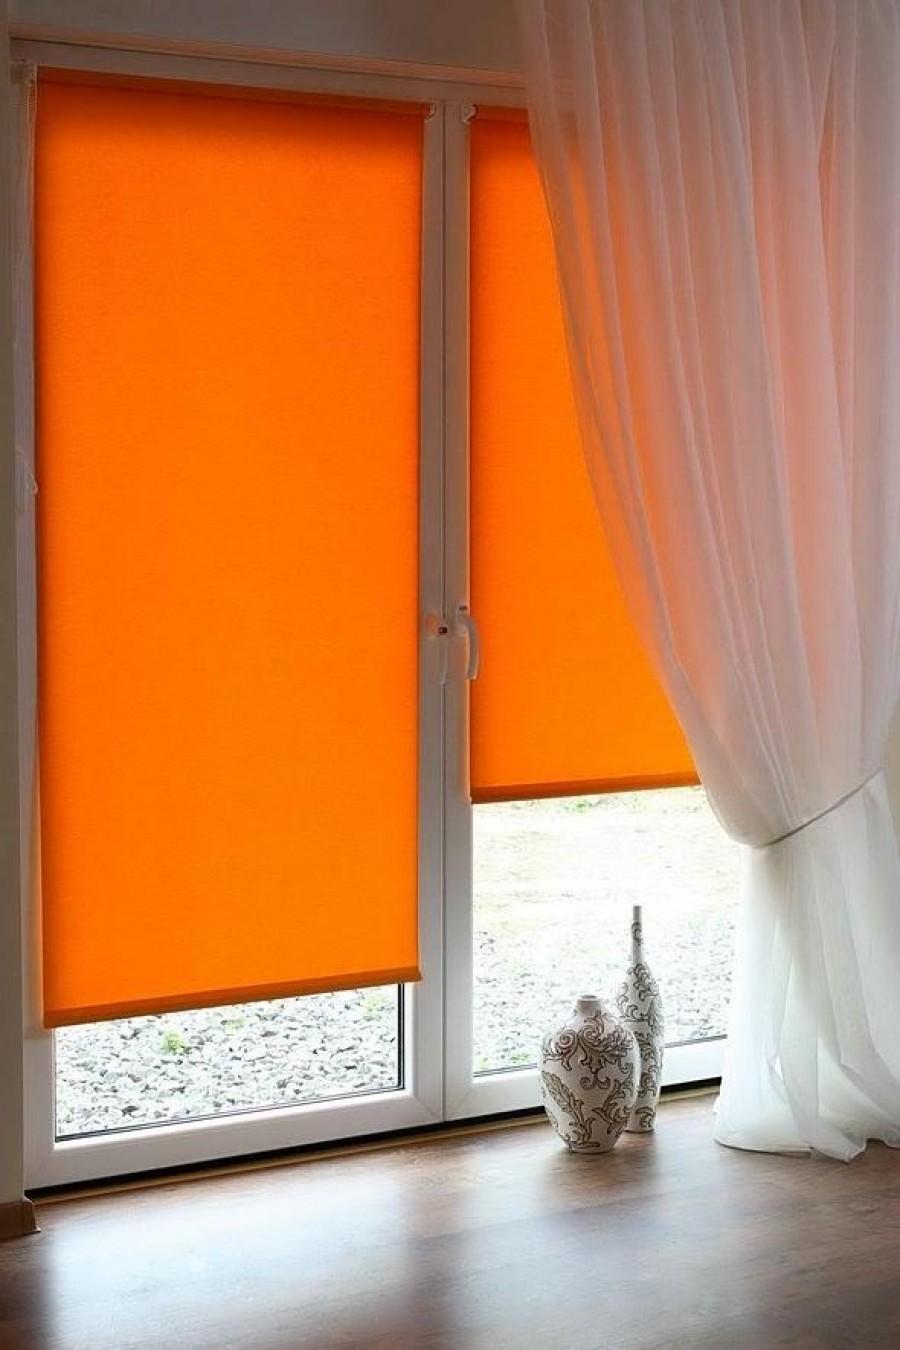 Защита от солнца на окна в квартире на кухне фото дизайн